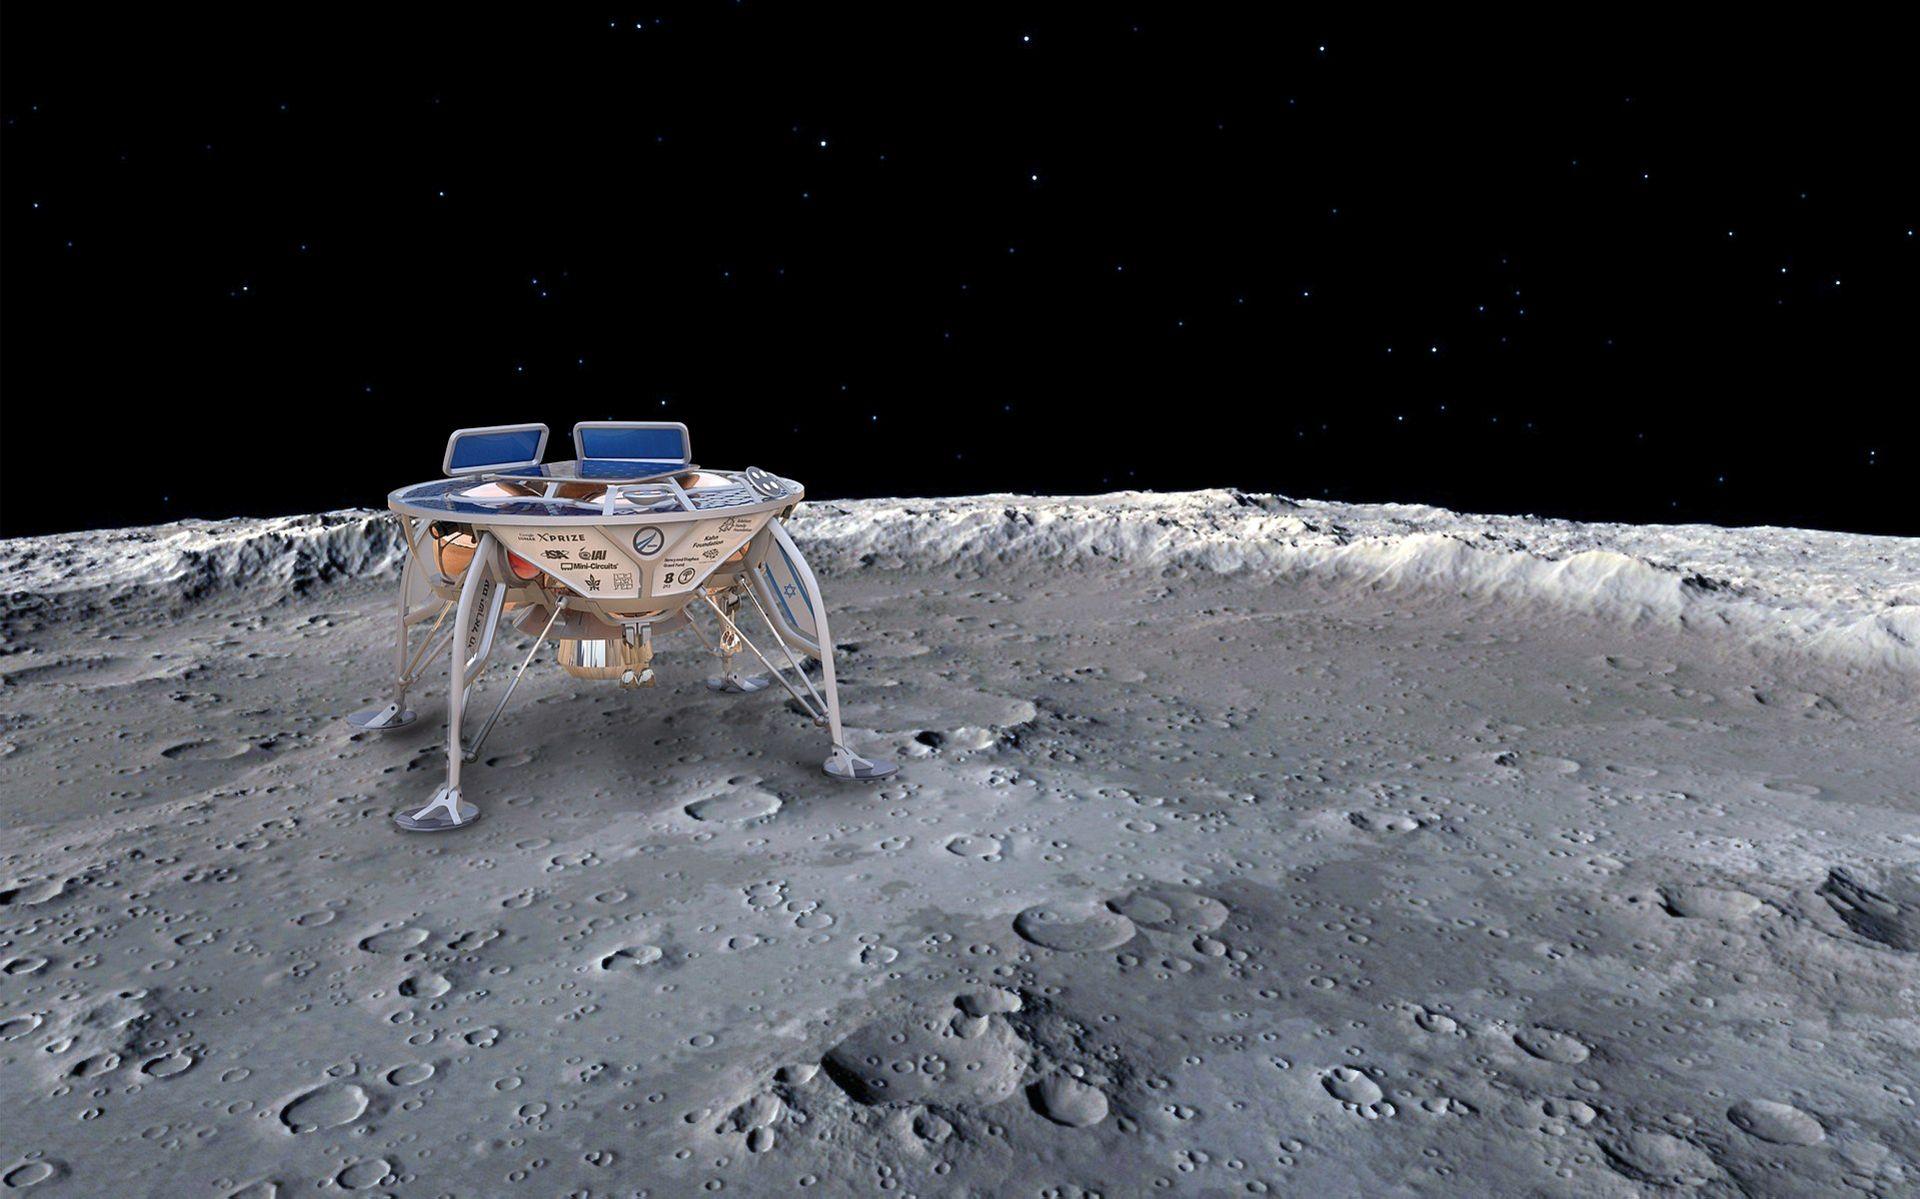 Israel siktar på att bli fjärde nationen som mjuklandar på månen